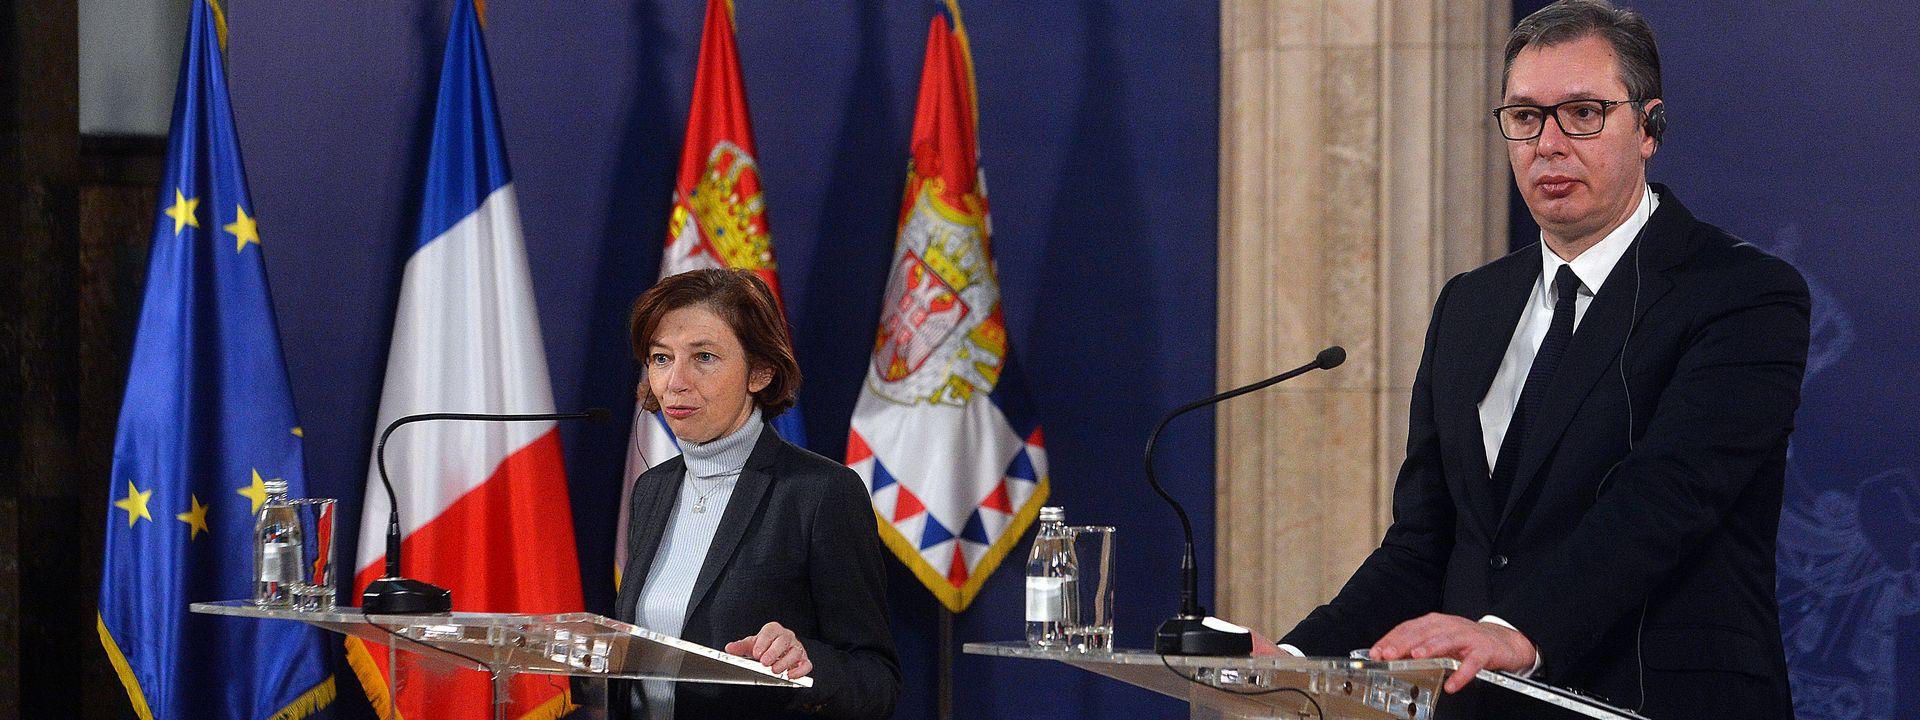 Beograd: Francuska ministarka pohvalila srpsku vojsku